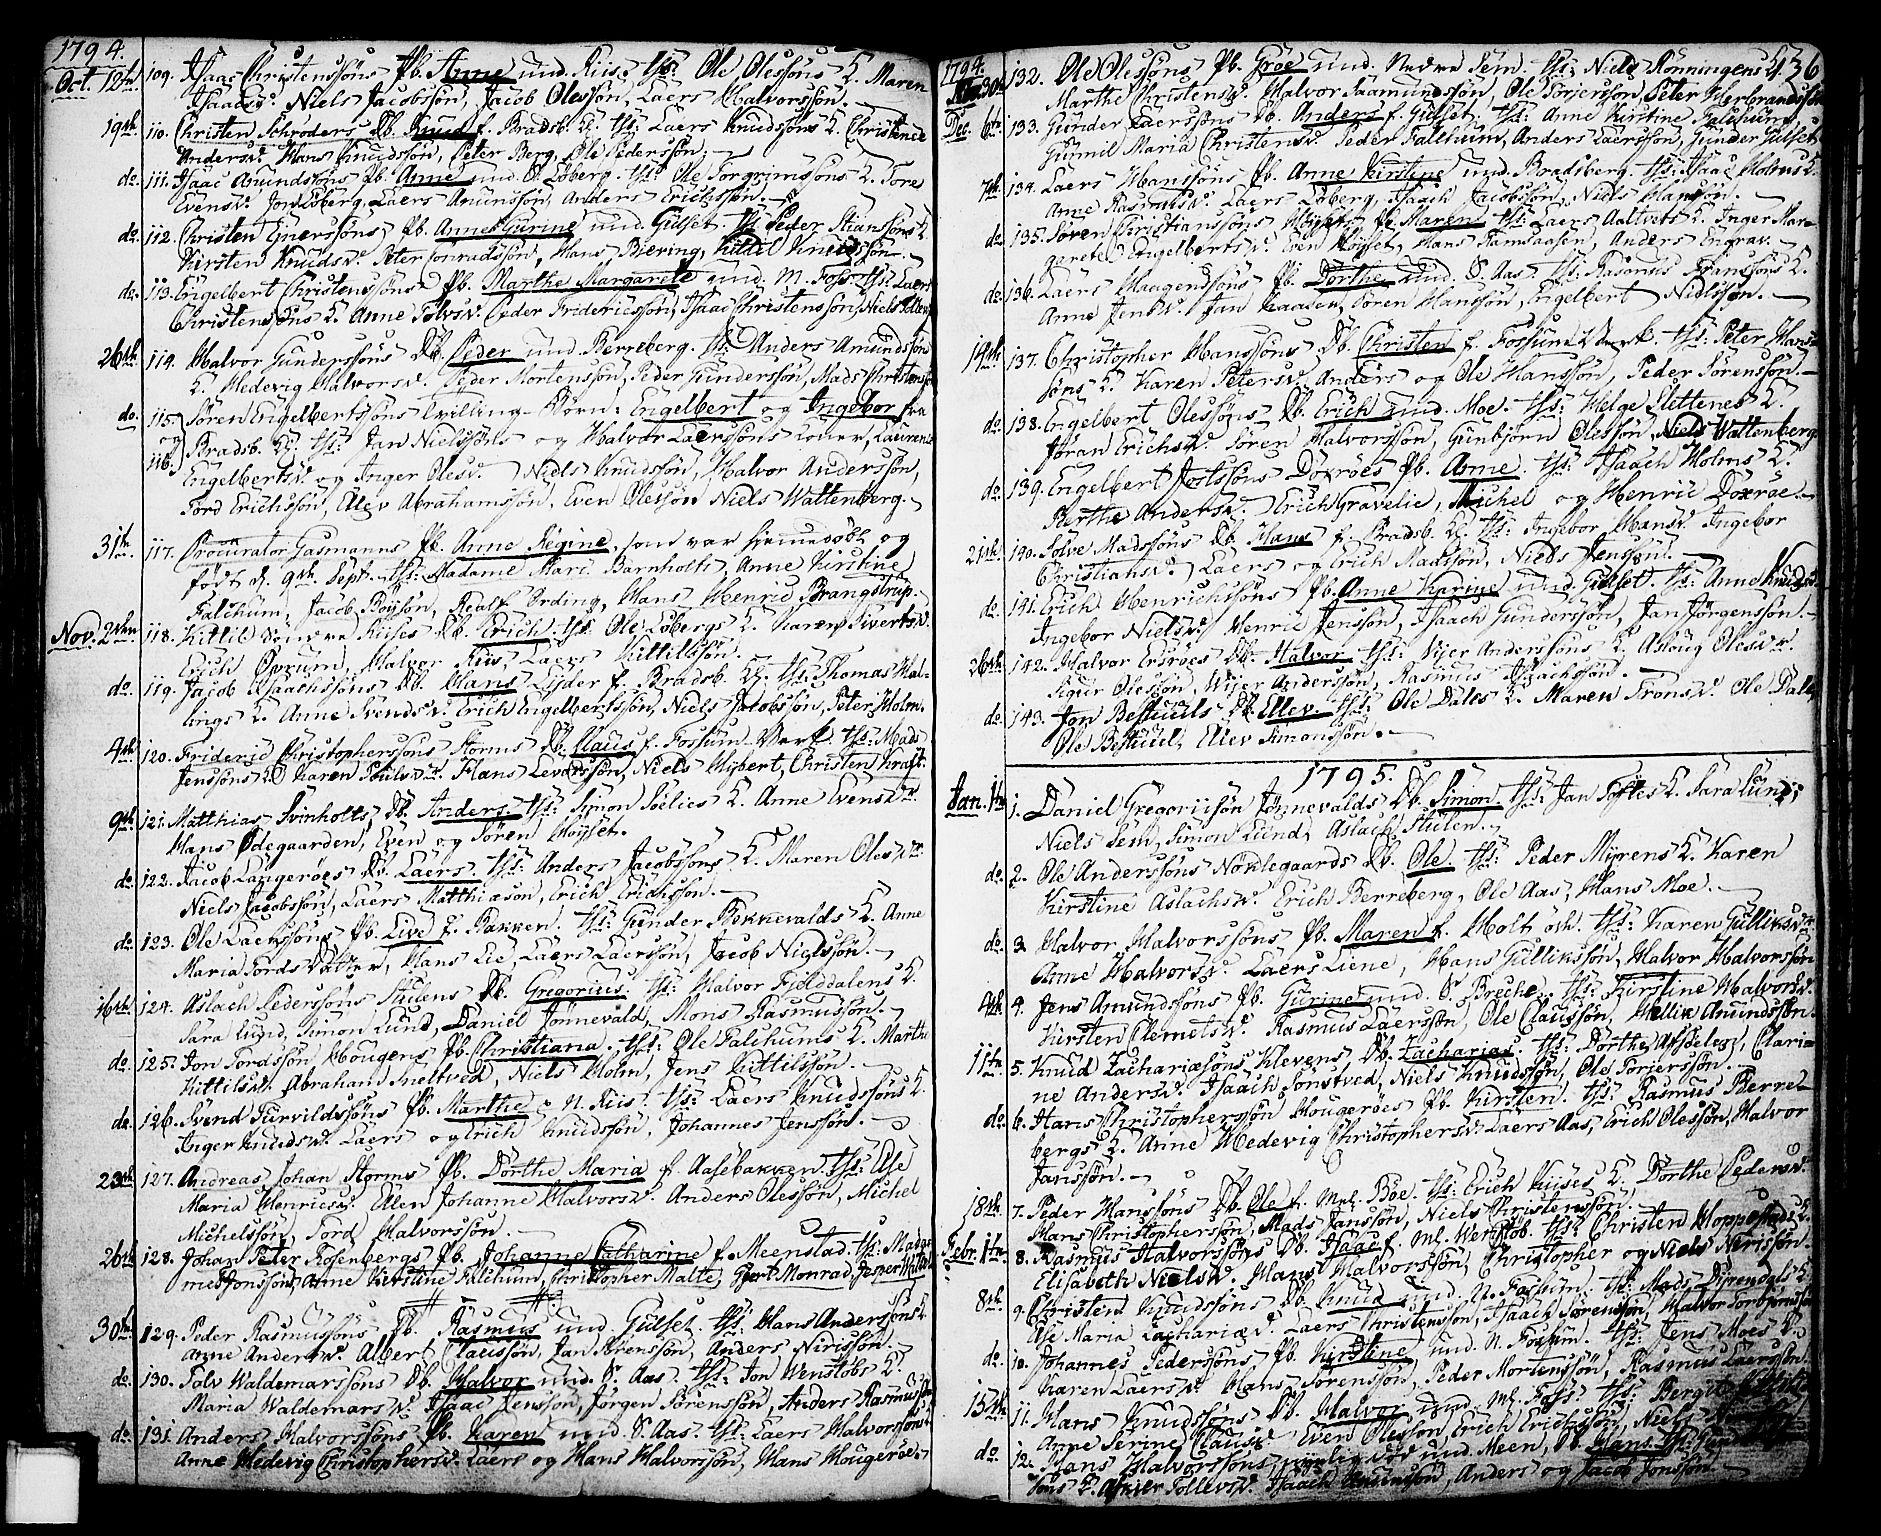 SAKO, Gjerpen kirkebøker, F/Fa/L0002: Ministerialbok nr. 2, 1747-1795, s. 136